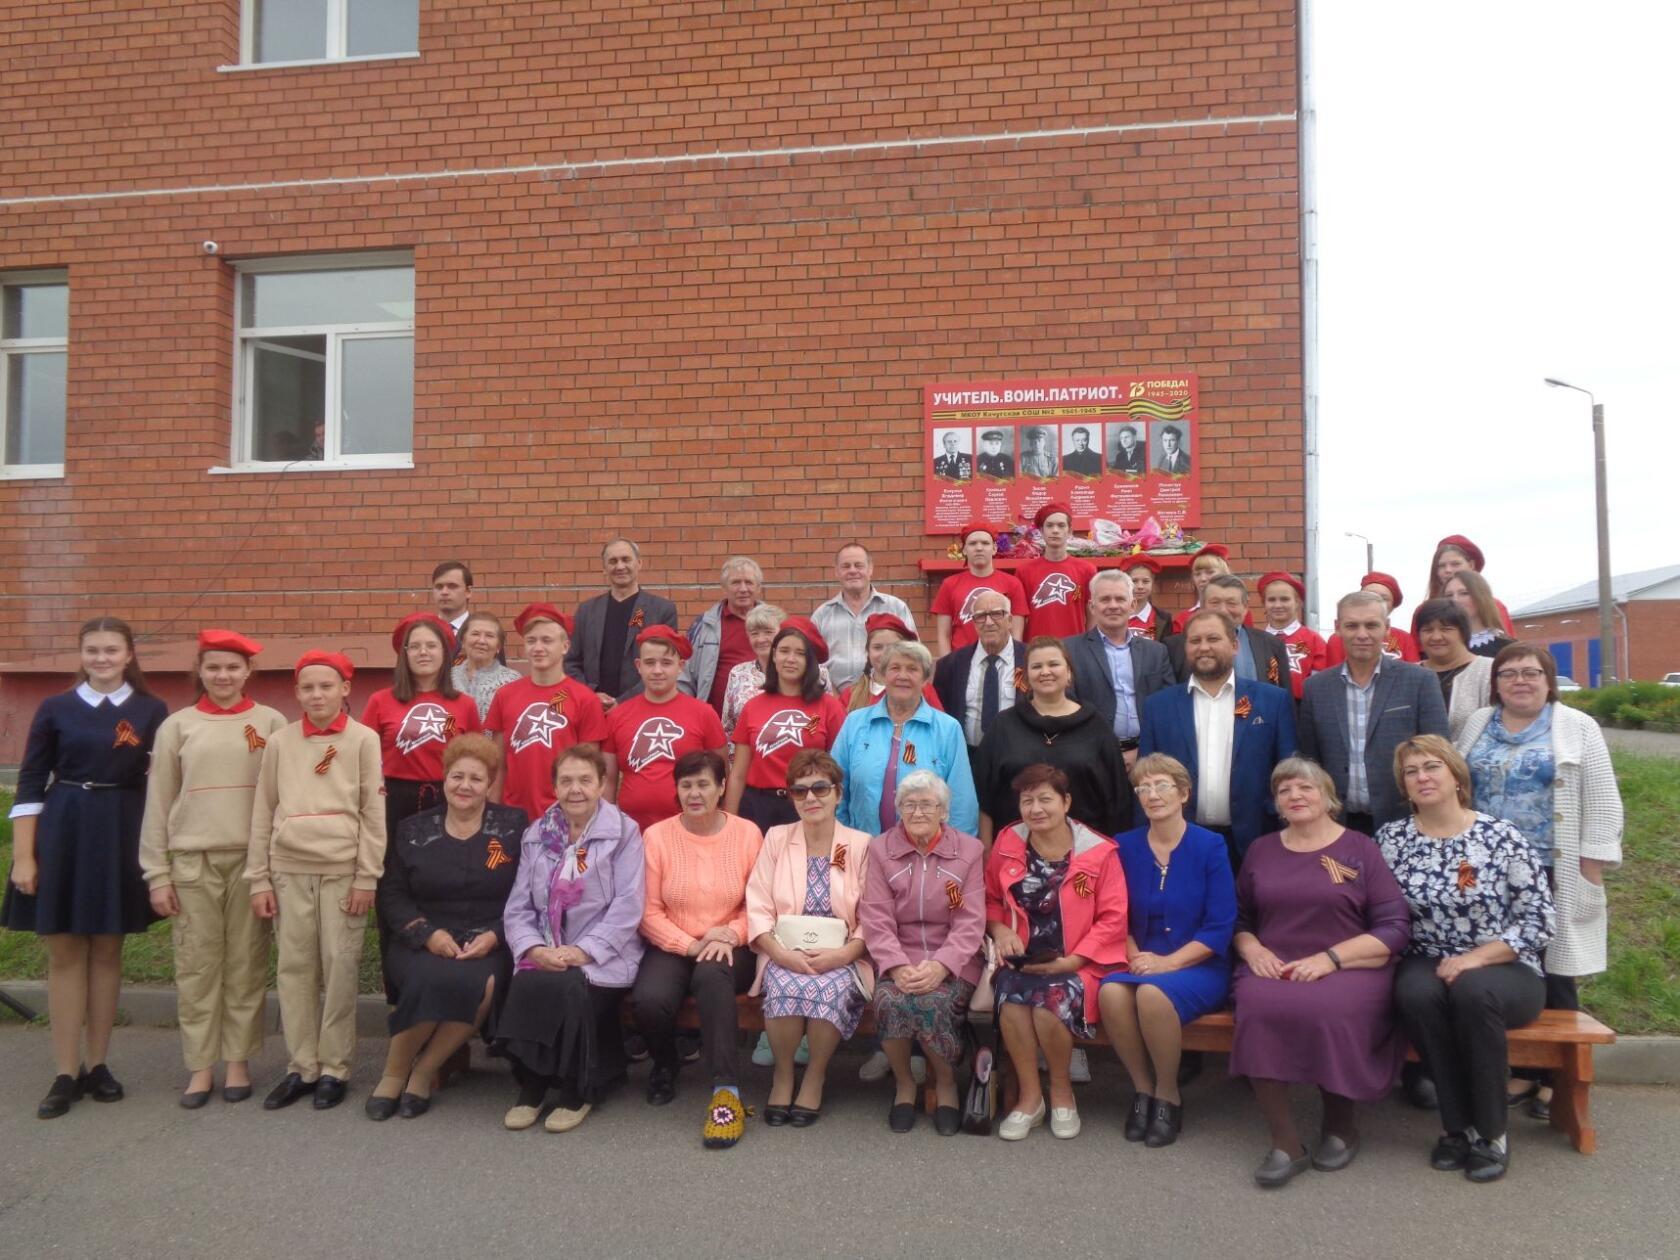 2 сентября в МКОУ Качугская СОШ состоялось открытие мемориальной доски учителям-ветеранам Великой Отечественной войны